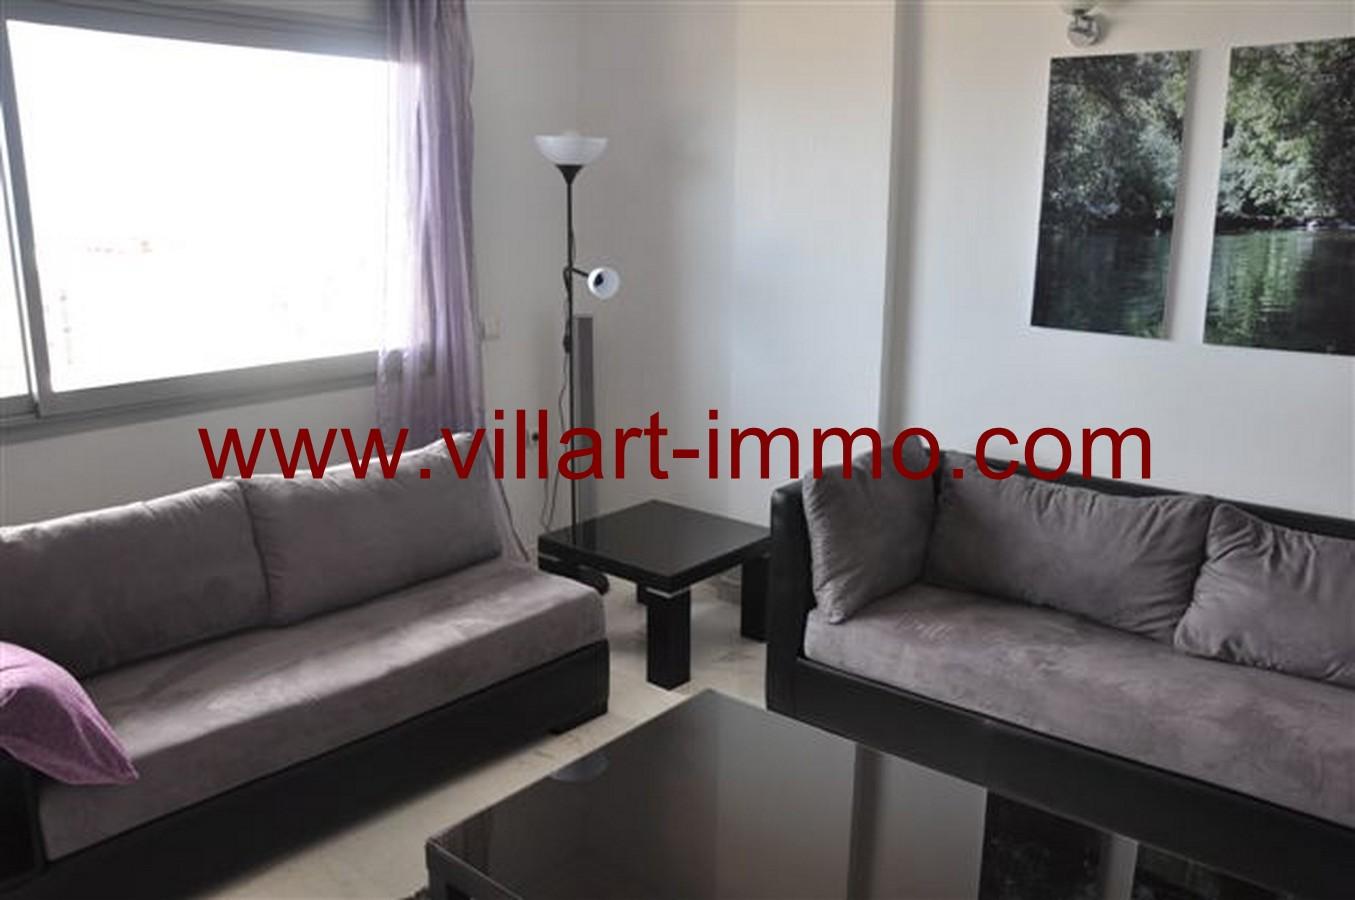 5-Location-Appartement-Meublé-Tanger-Centre ville-Salon 1-L131-Villart immo